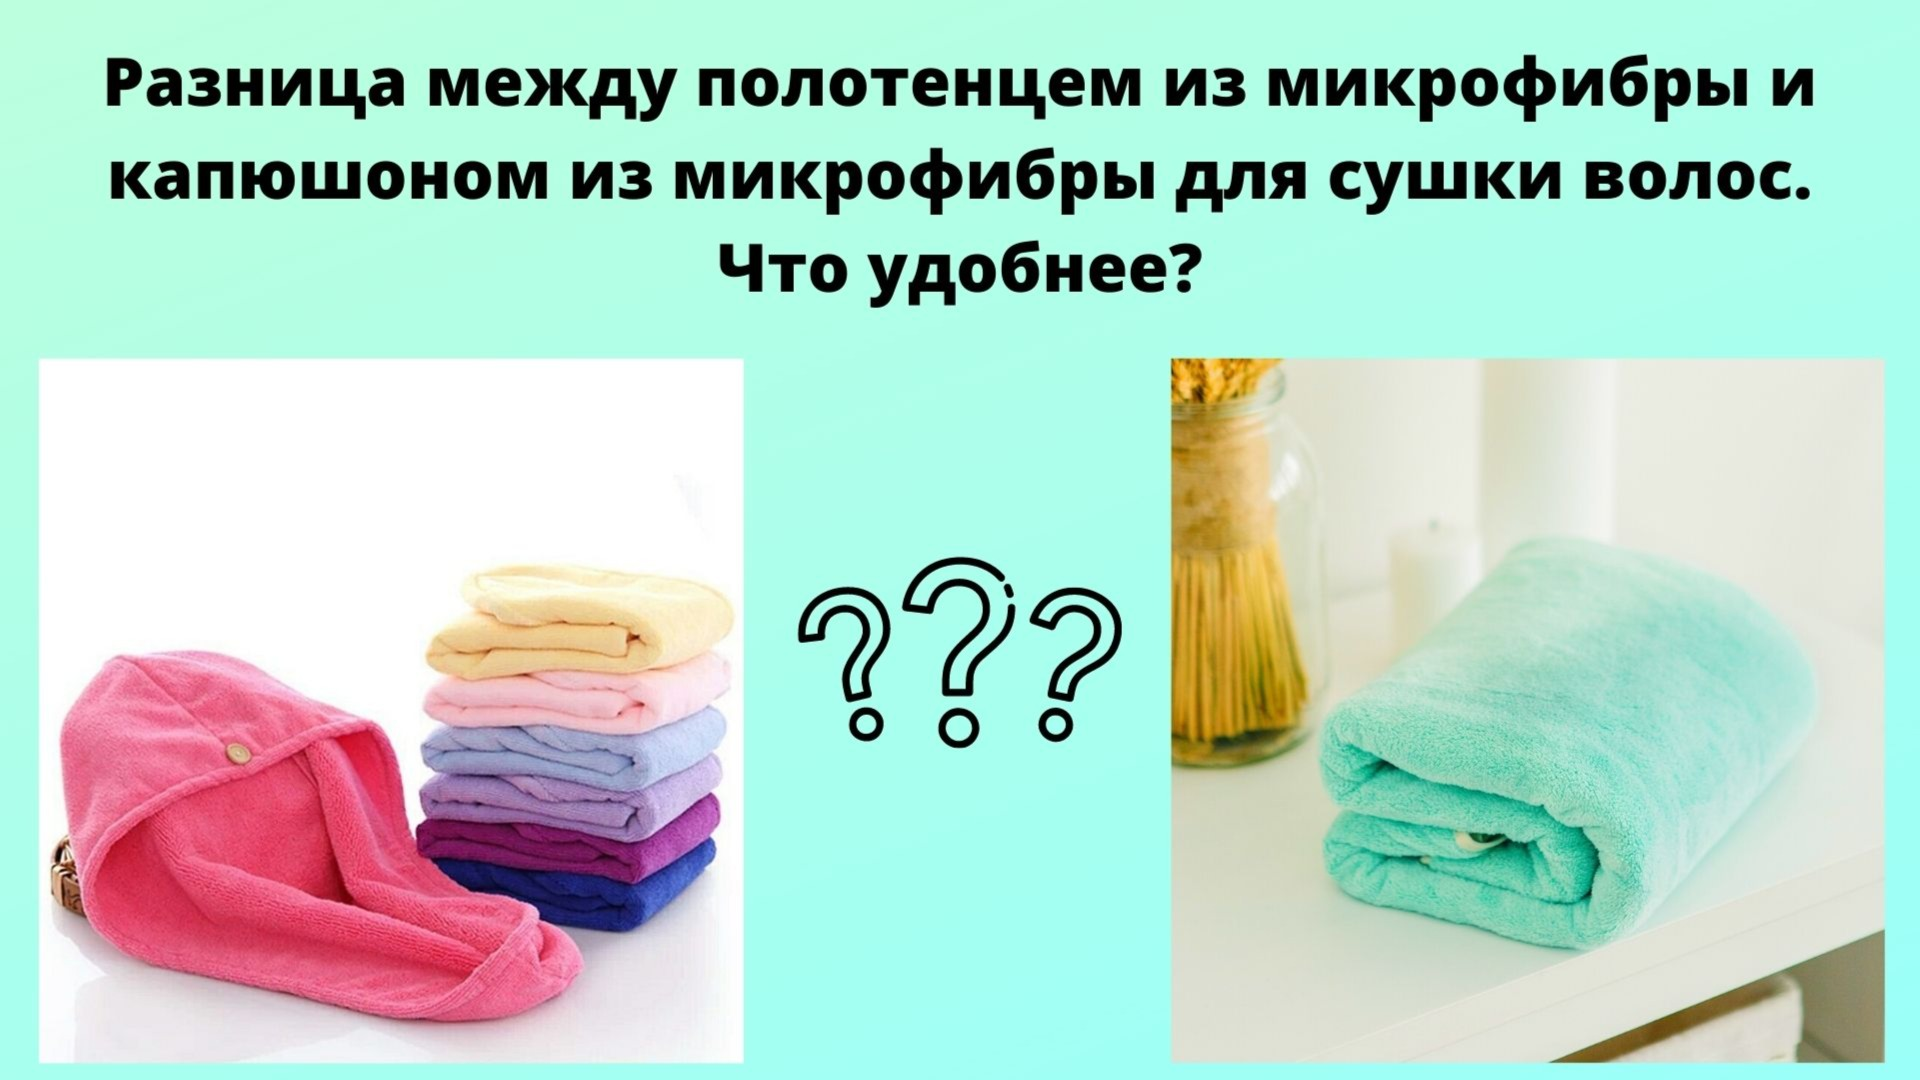 Разница между полотенцем из микрофибры и капюшоном для сушки волос. Что удобнее?